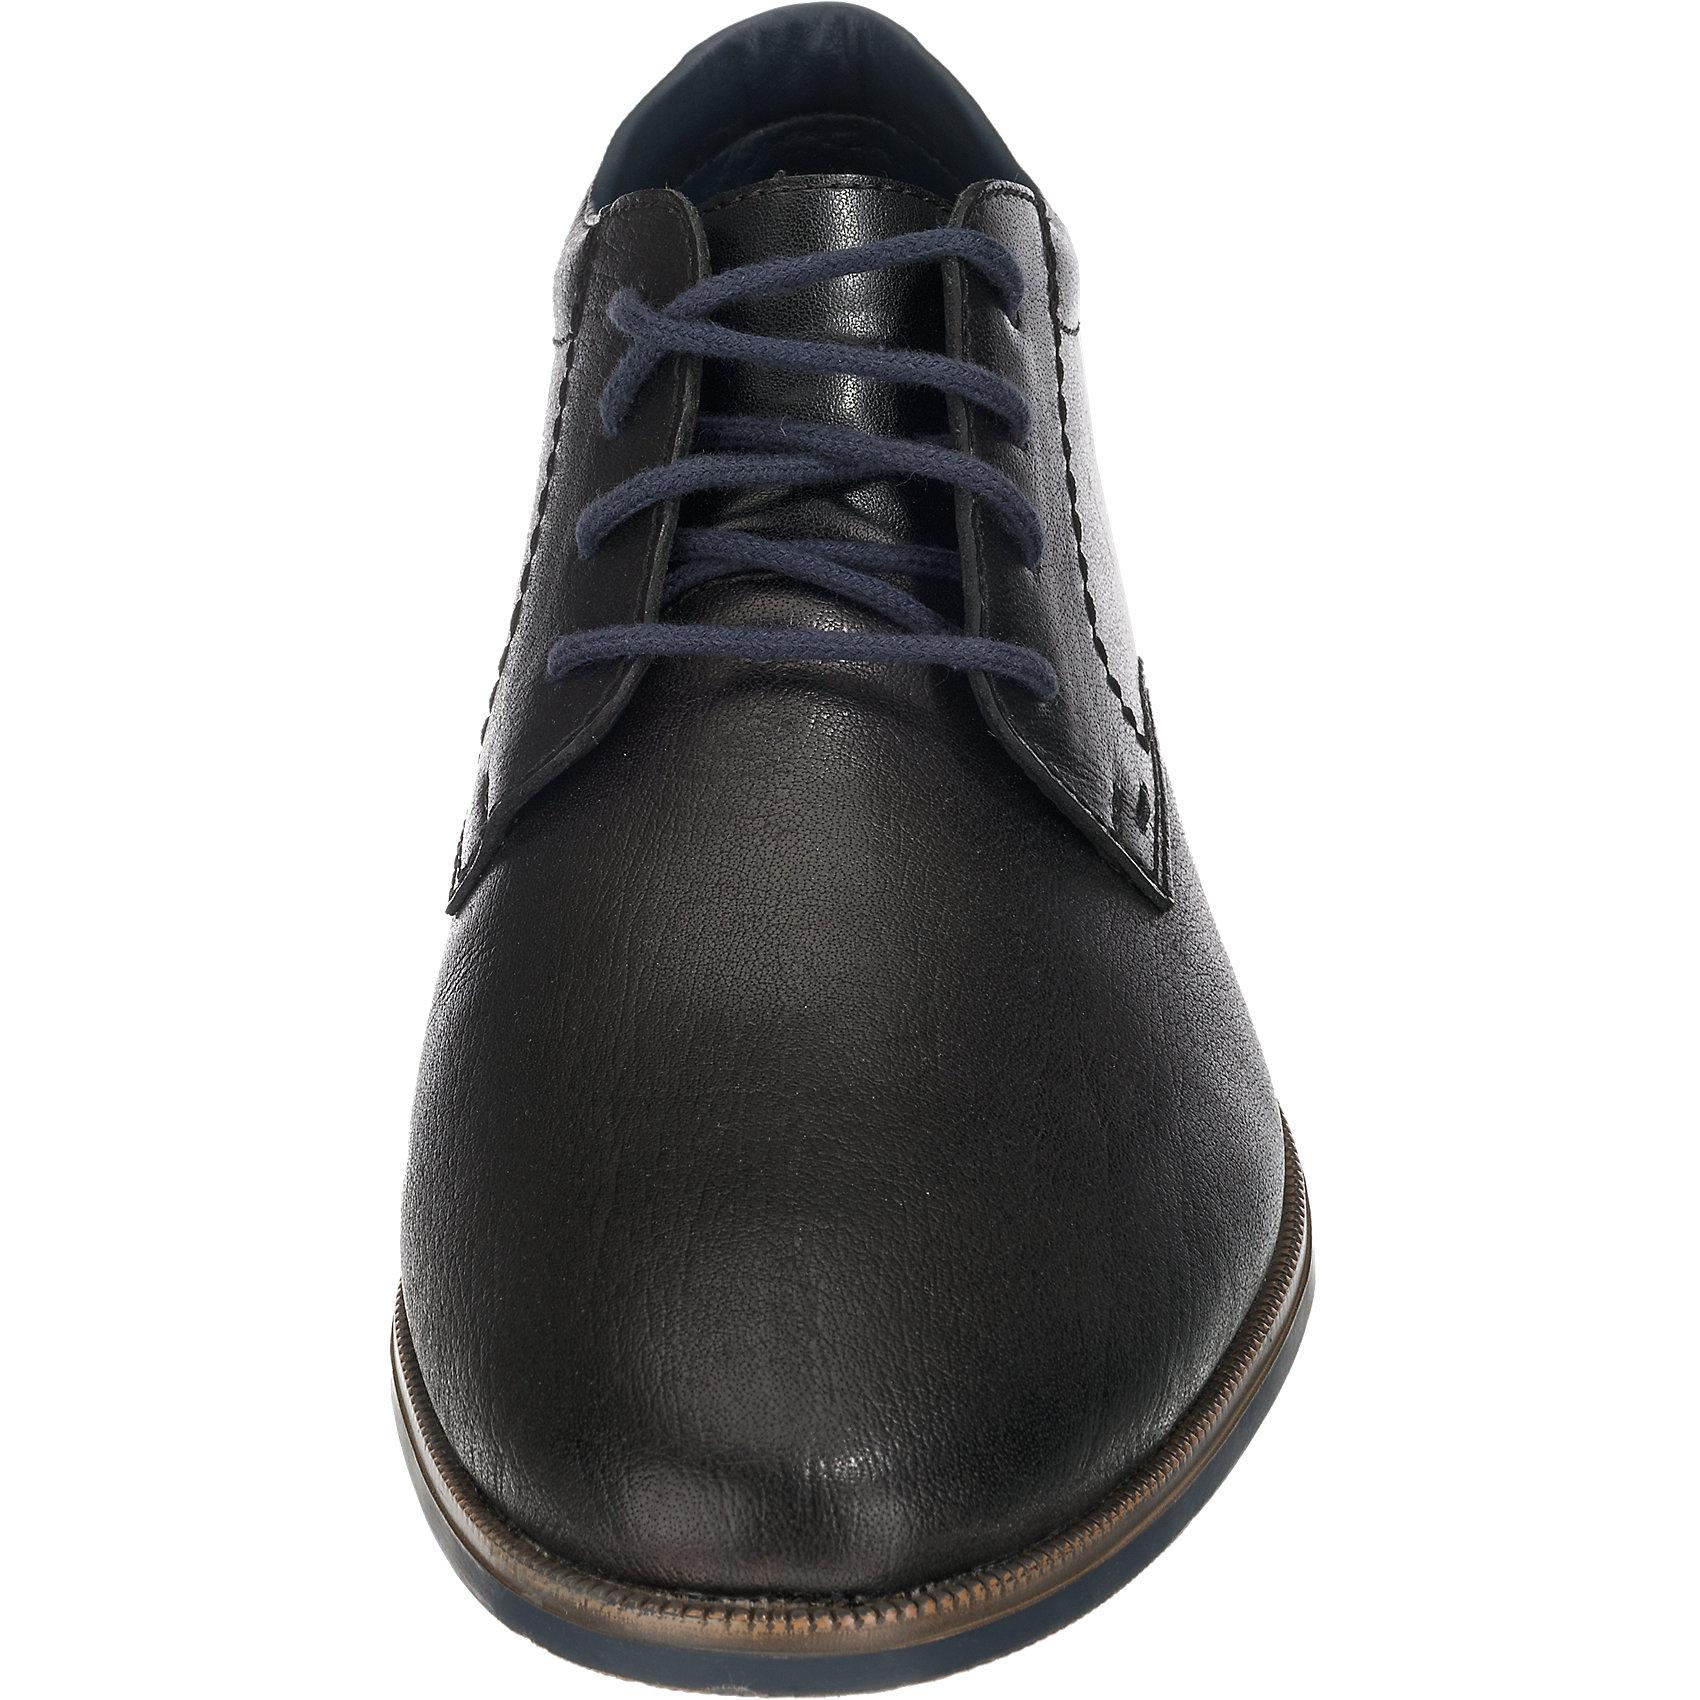 Neu rieker Business Schuhe 5767718 für Herren Herren Herren schwarz  | Wir haben von unseren Kunden Lob erhalten.  7f8e4c